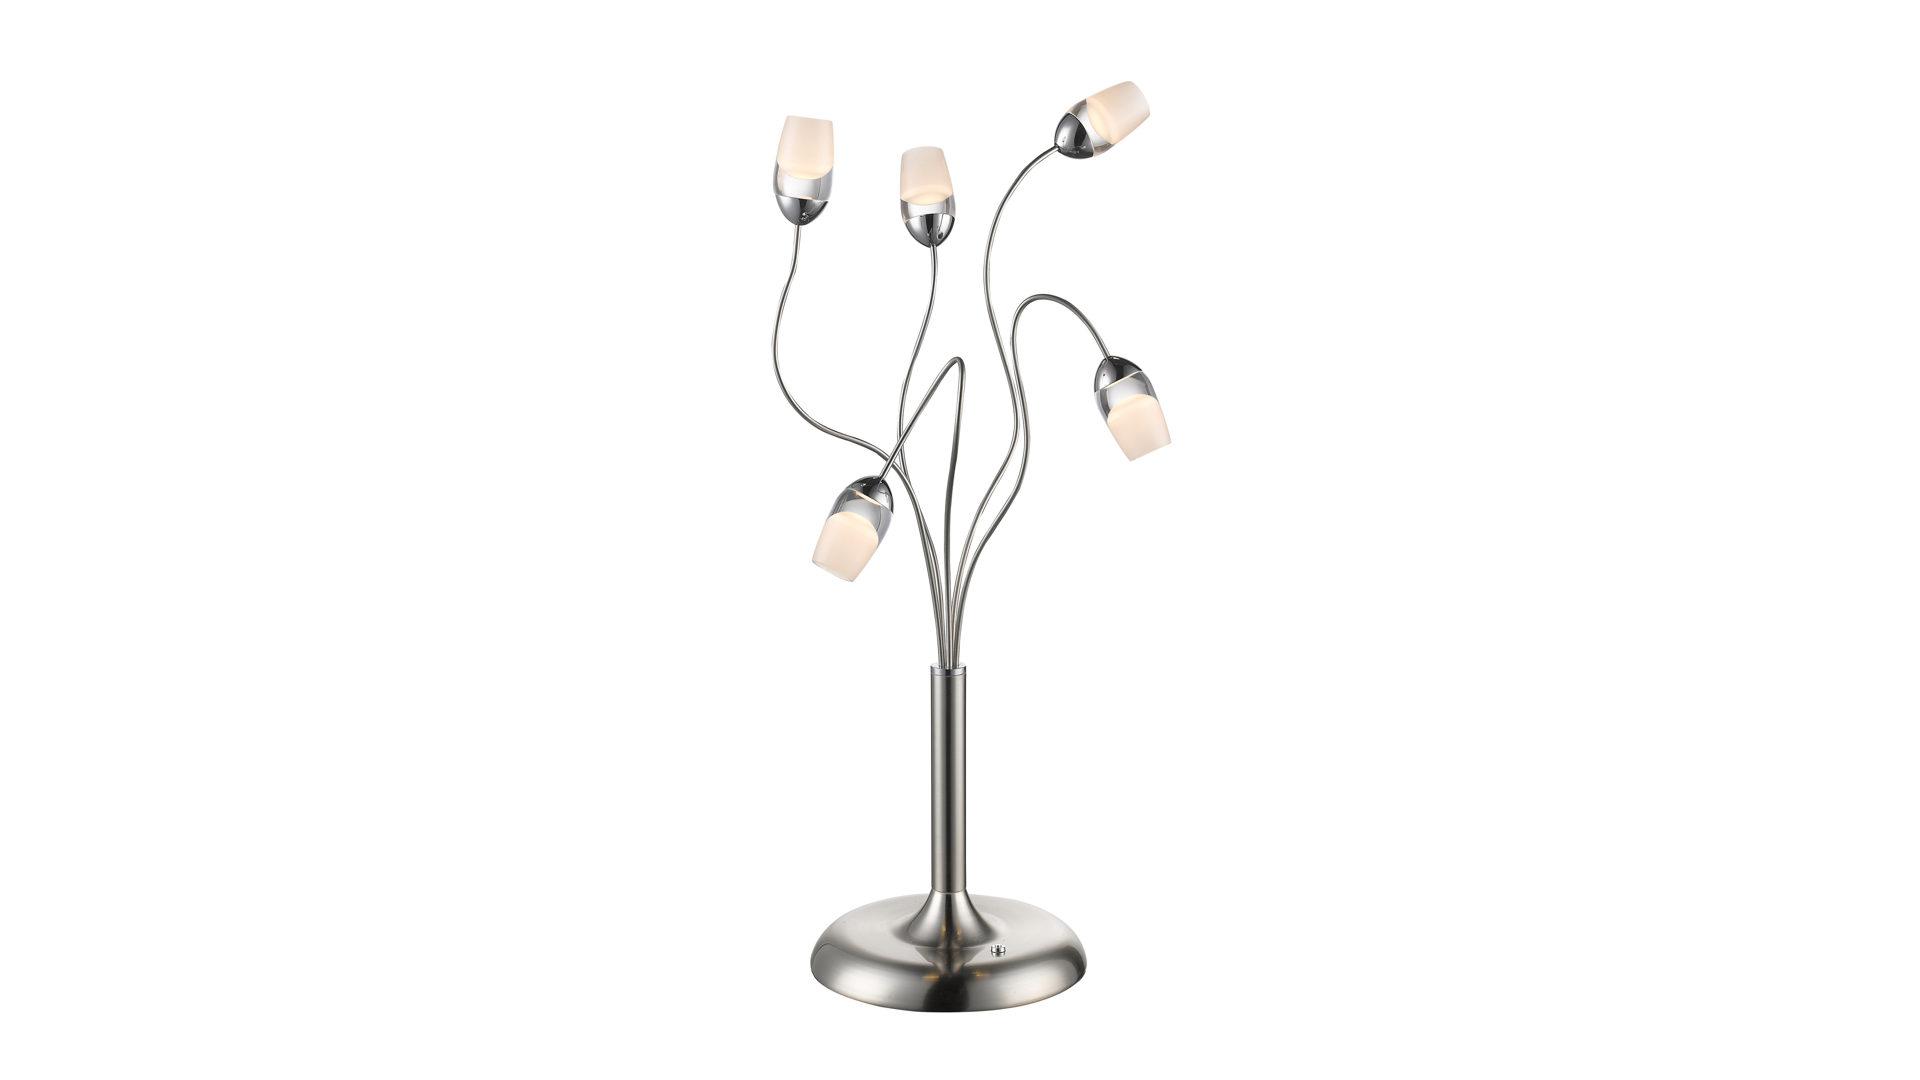 Möbel Busch , Räume, Esszimmer, Lampen + Leuchten, LED Tischleuchte, LED Tischleuchte,  Nickel Matt U2013 Höhe Ca. 65 Cm